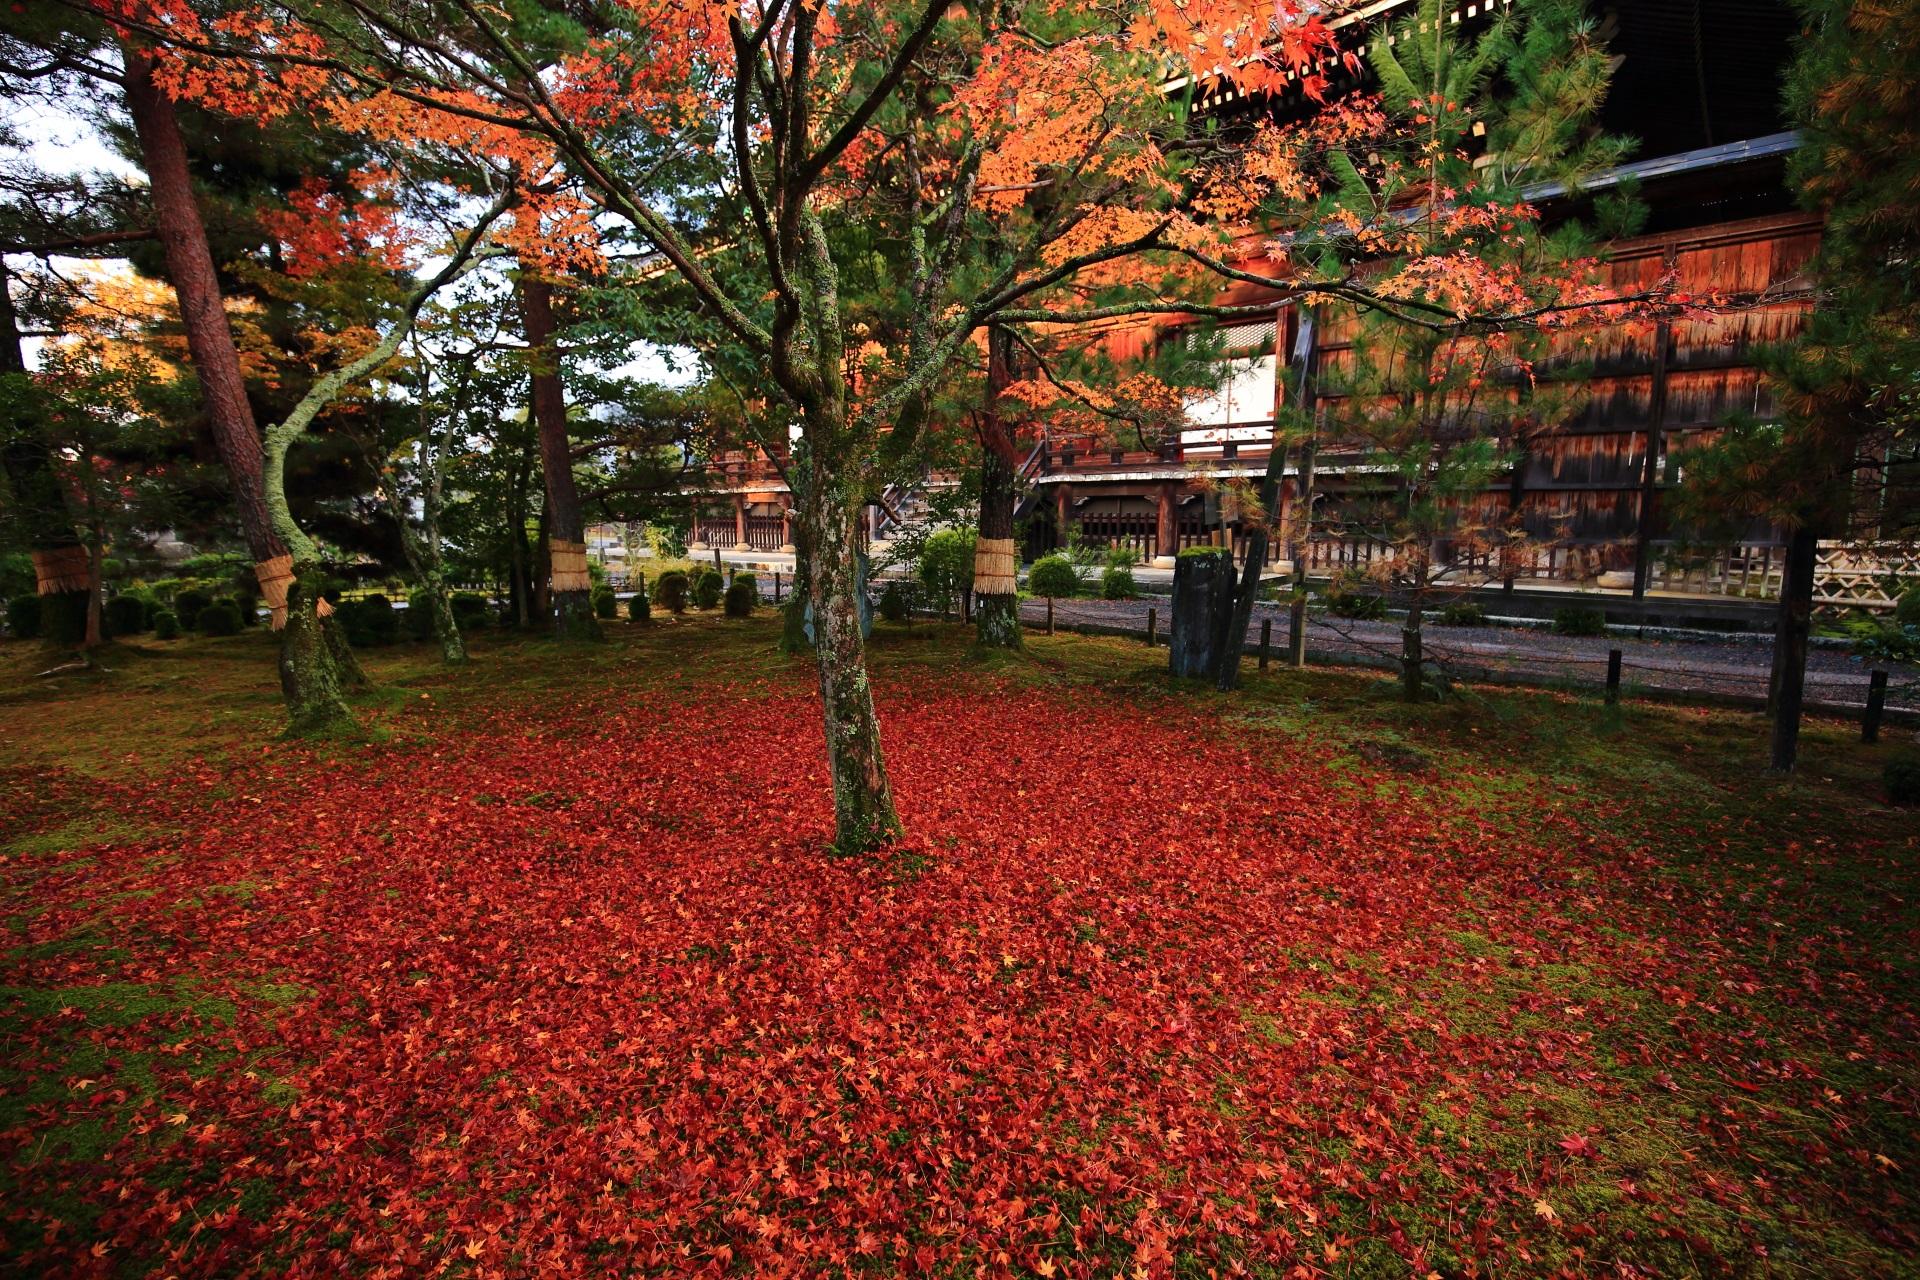 清涼寺の紅葉の絨毯